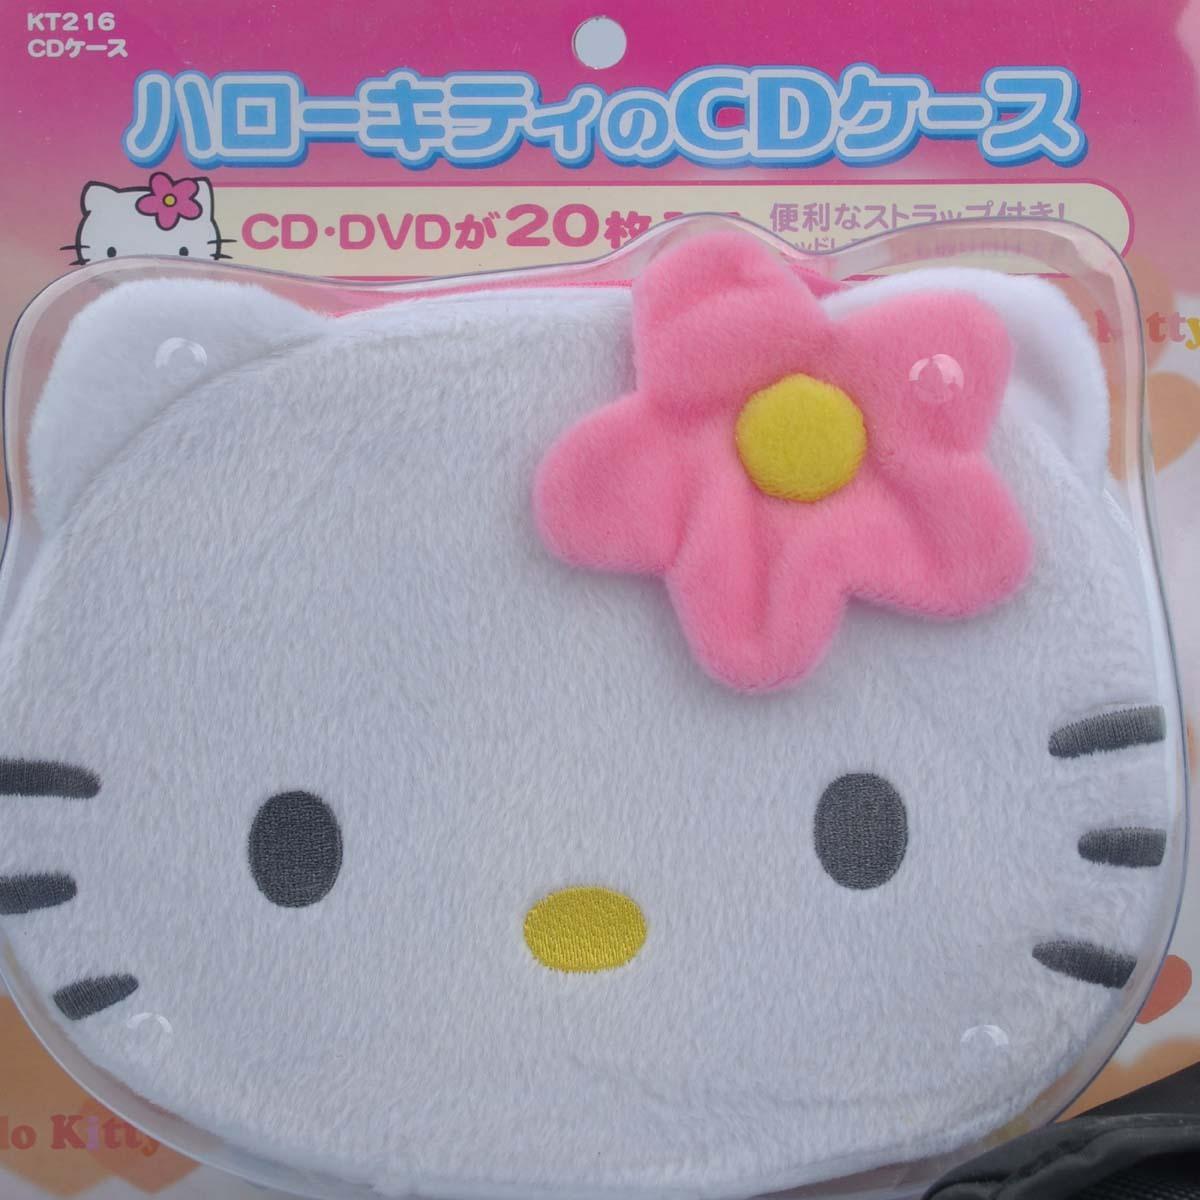 кейс для CD Seiwa  Hello Kitty CD -KT216 кейс для диджейского оборудования thon dj cd custom case dock